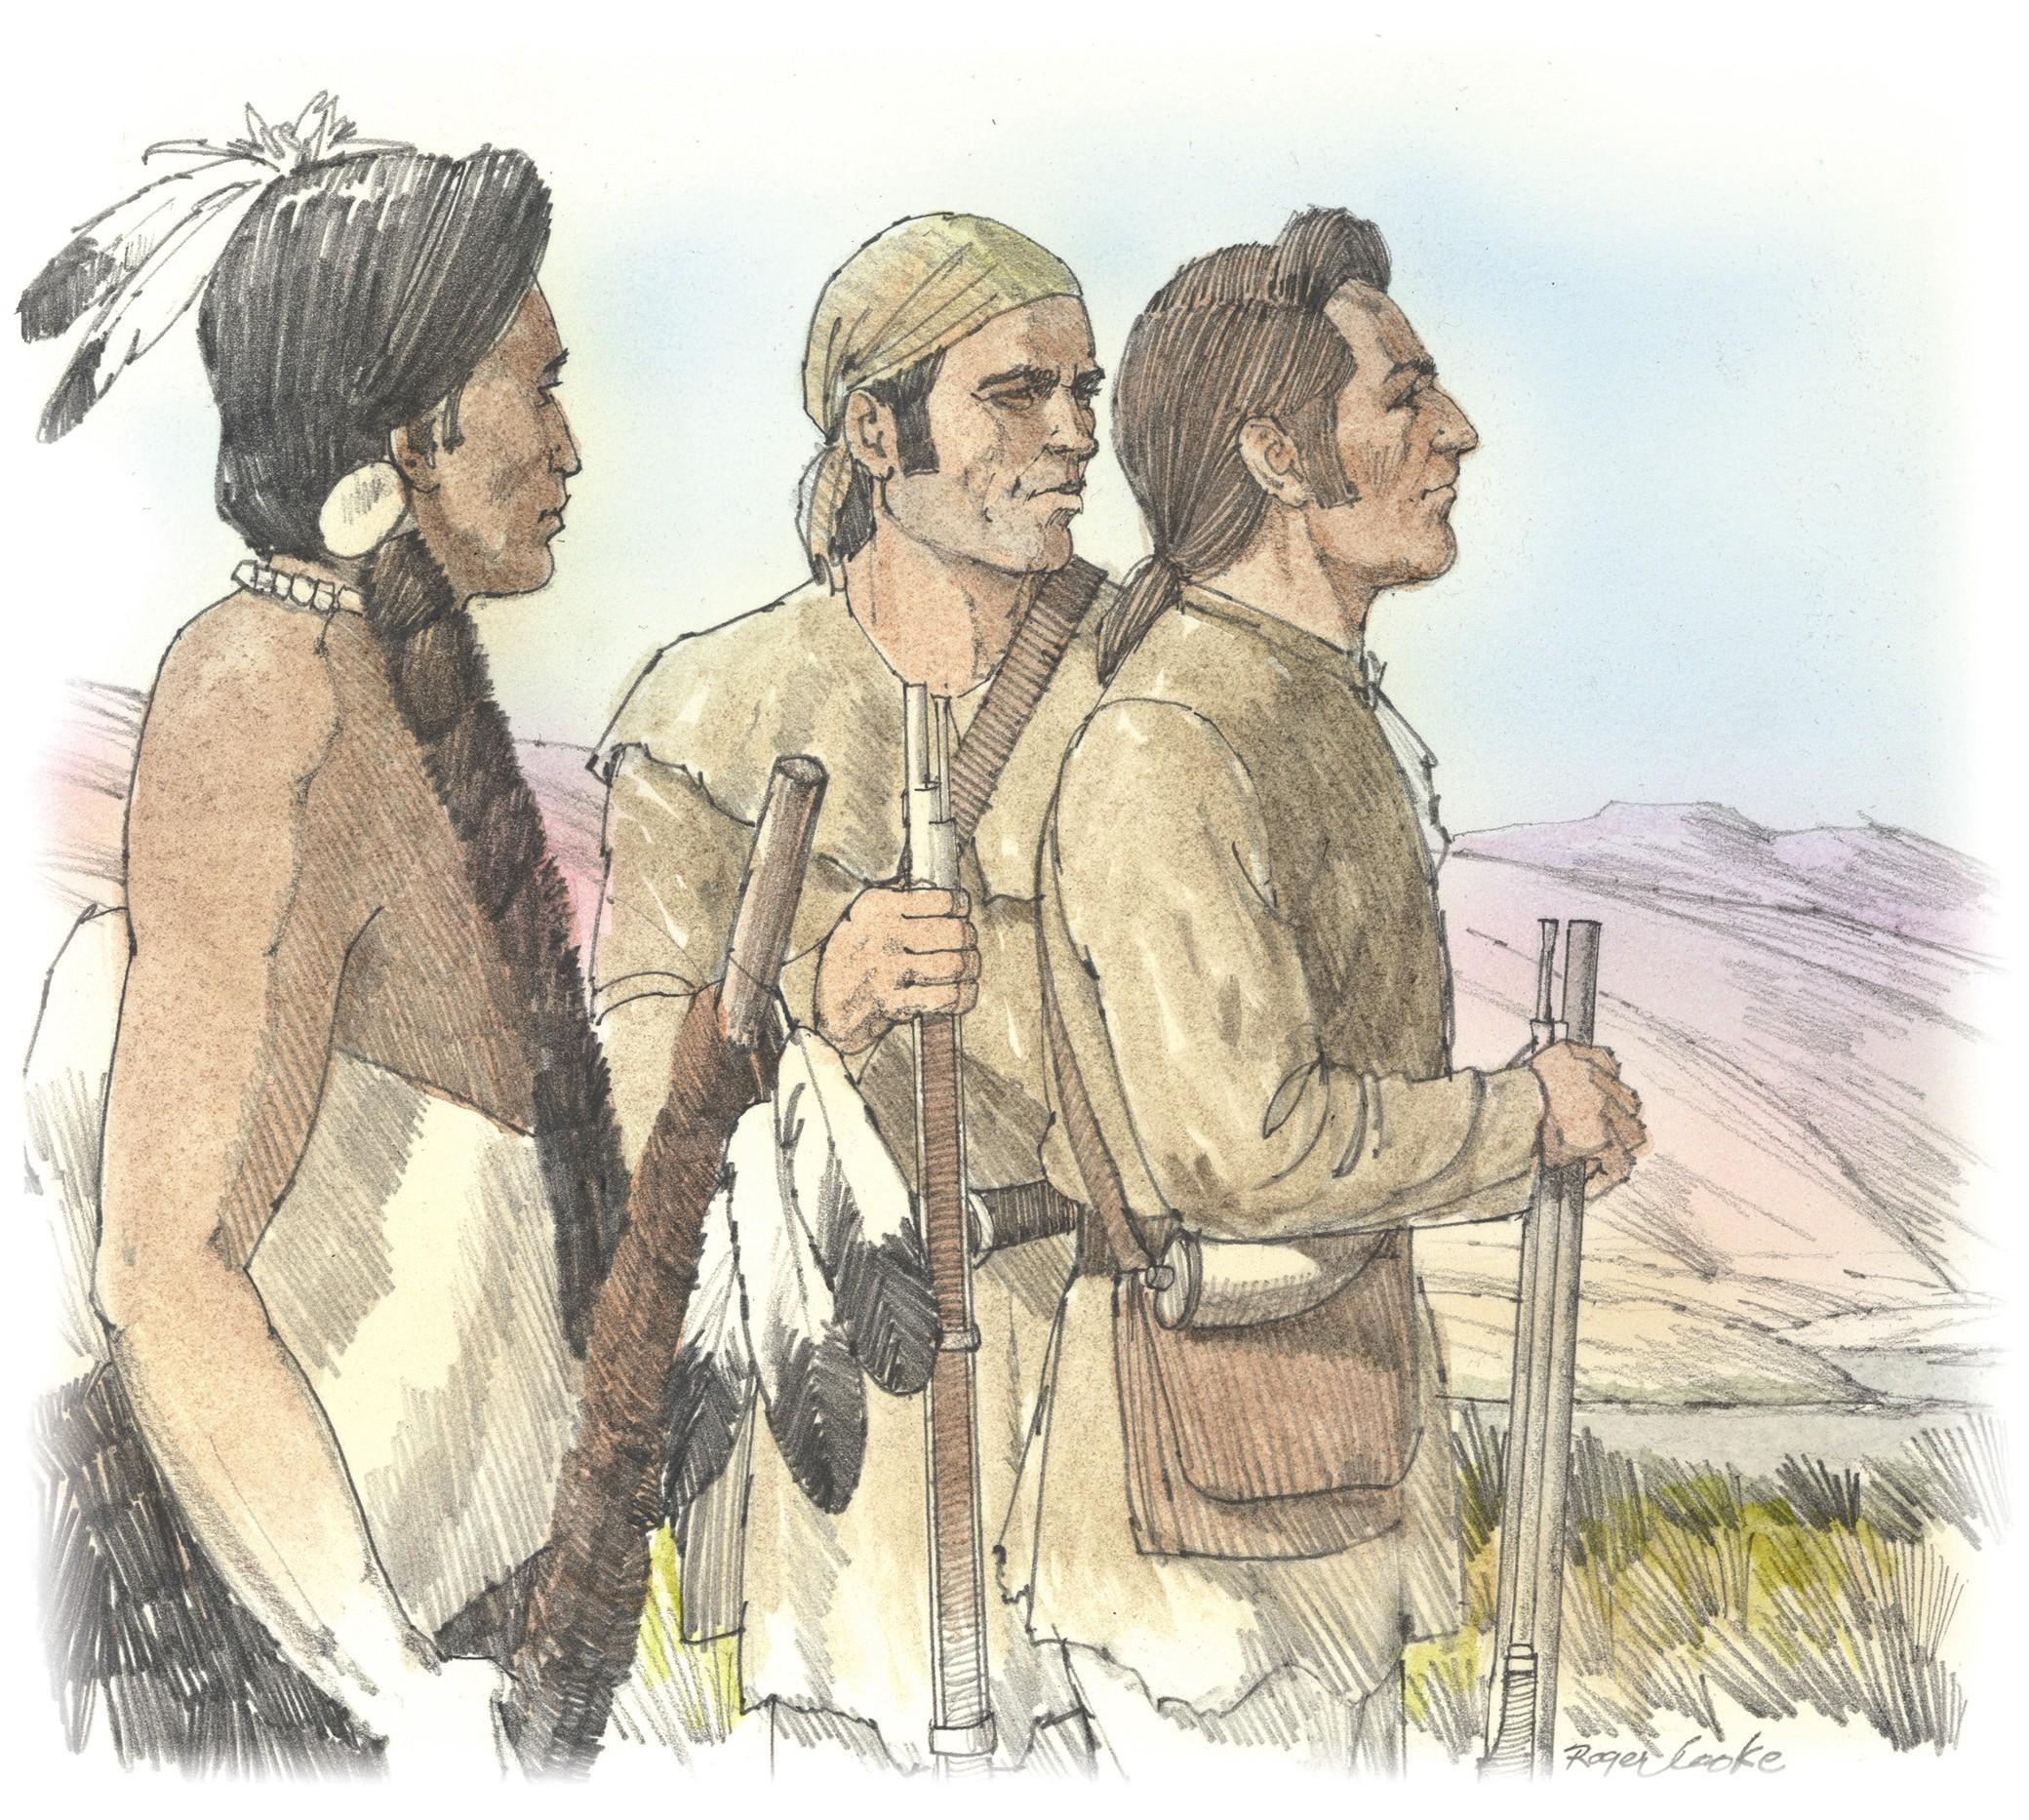 Nez Perce Homelands - Vignette